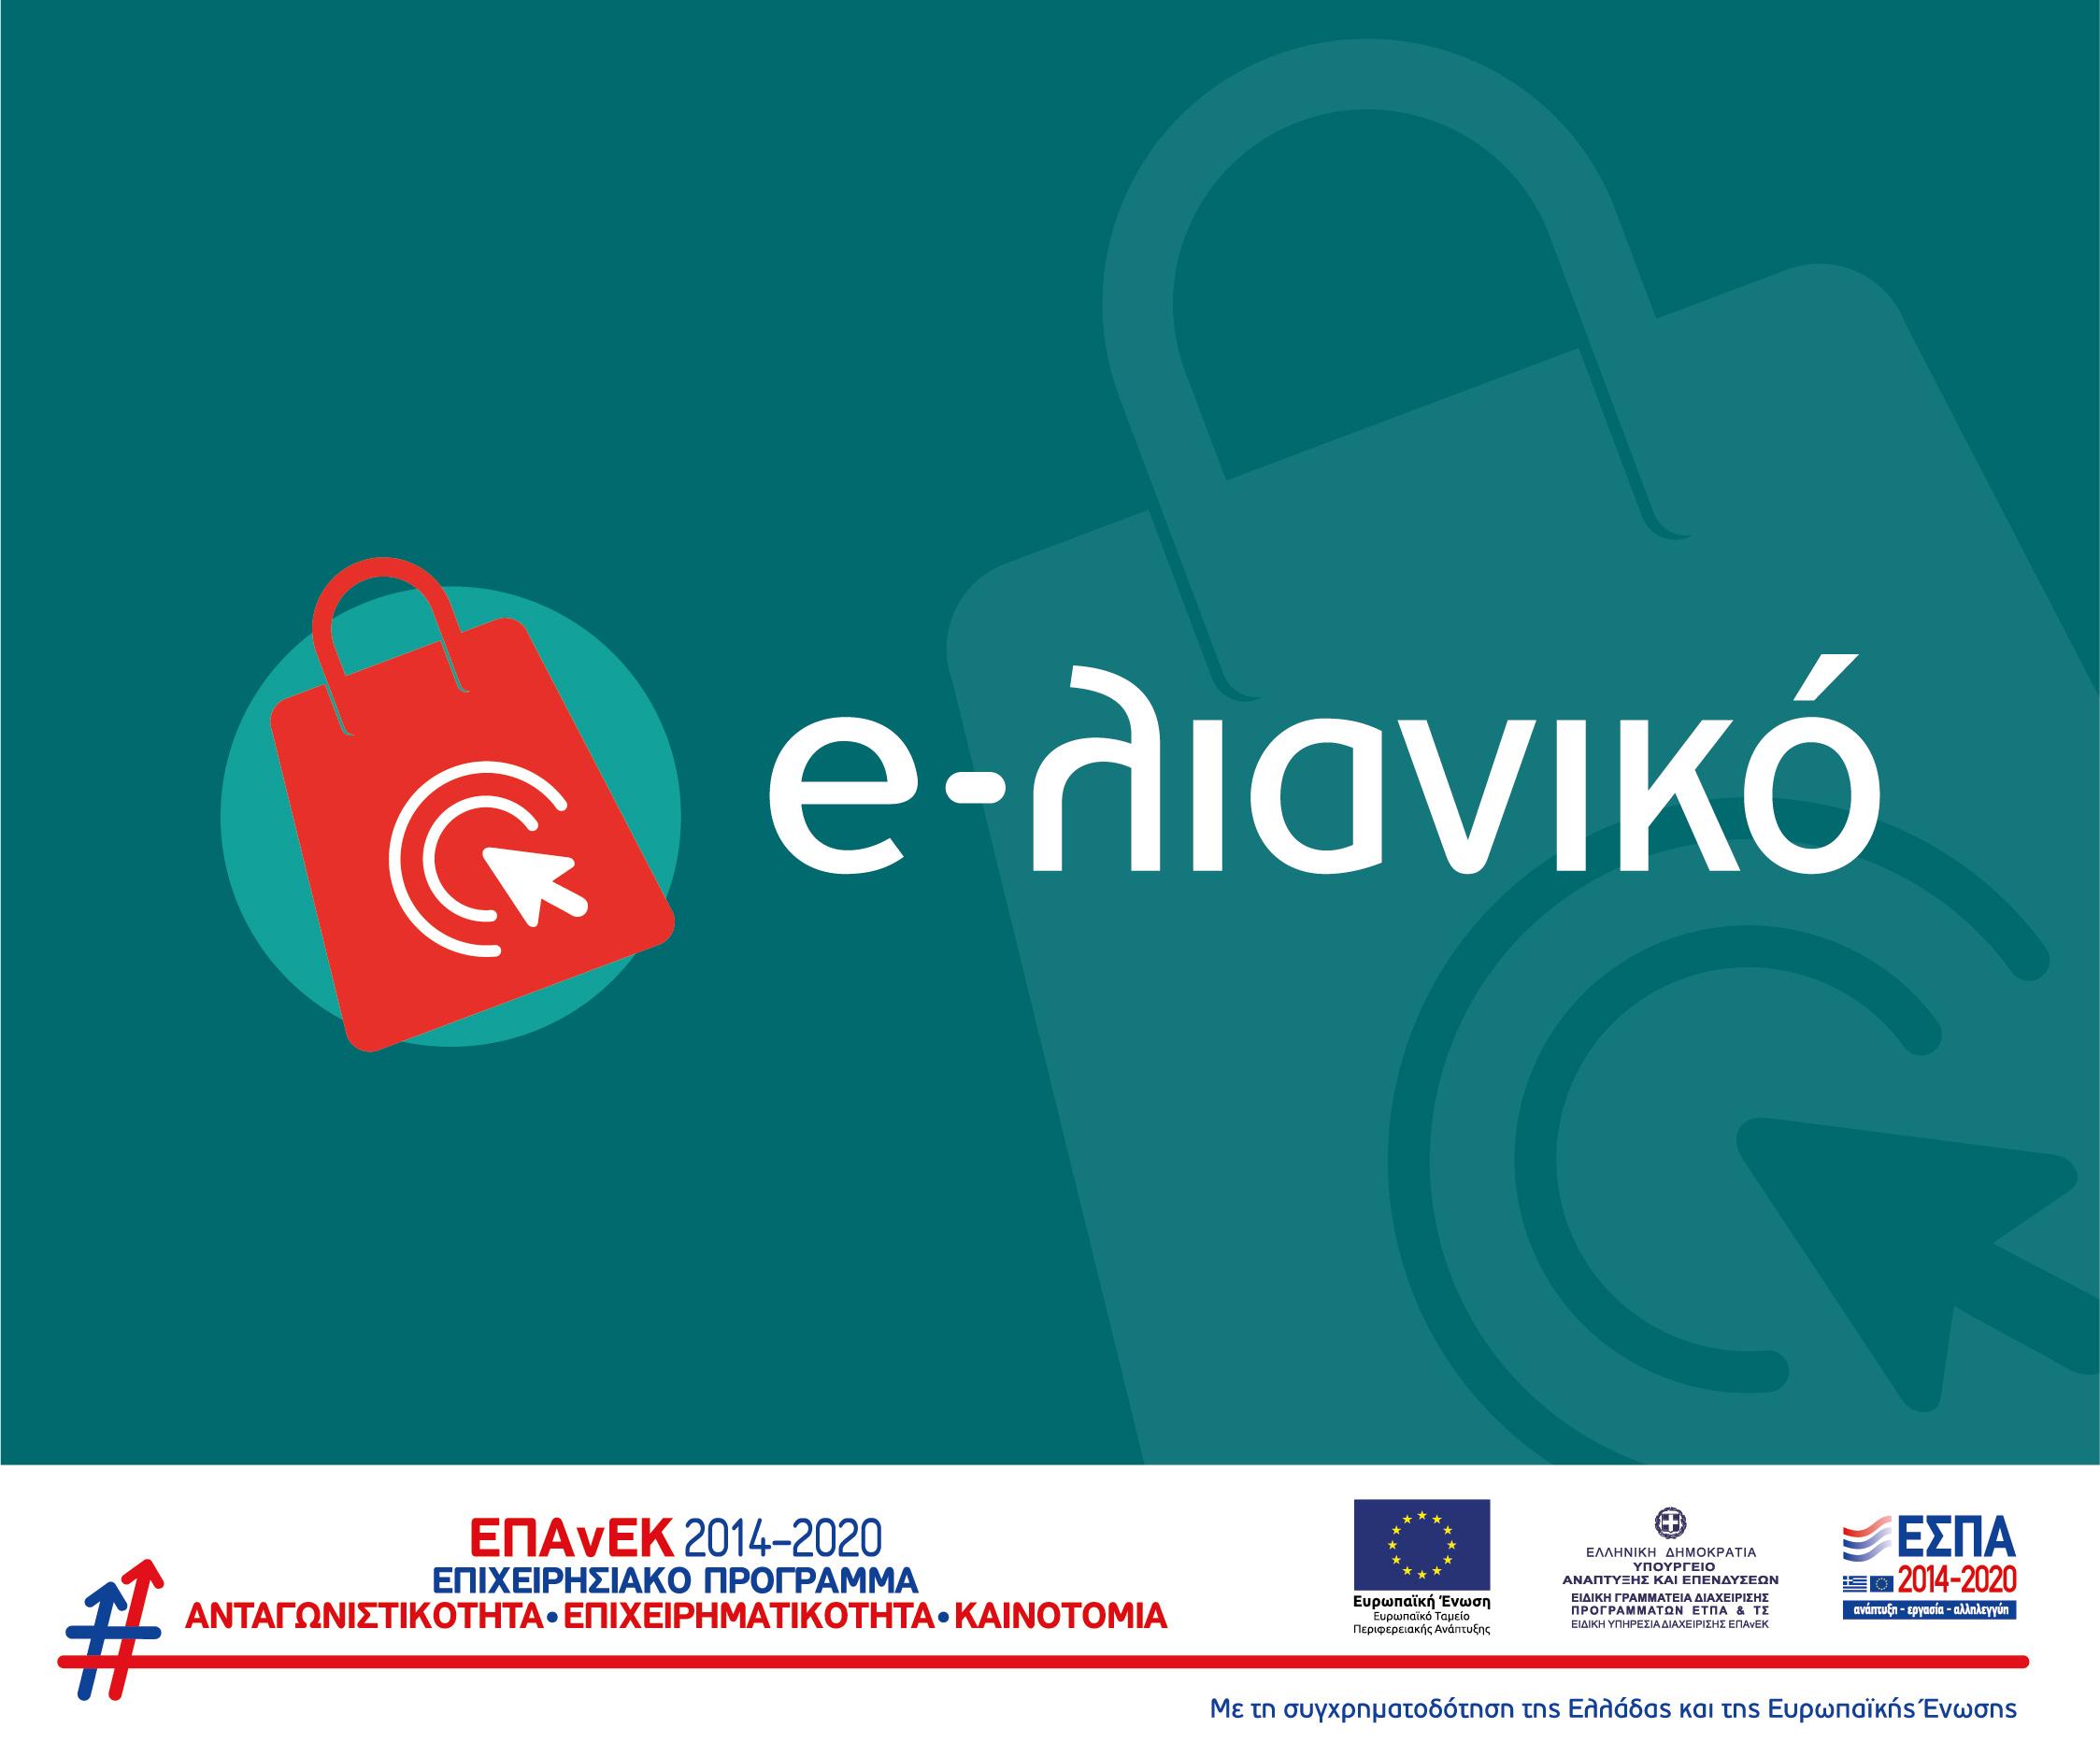 Προγραμματα 2014-2020 / e-λιανικό